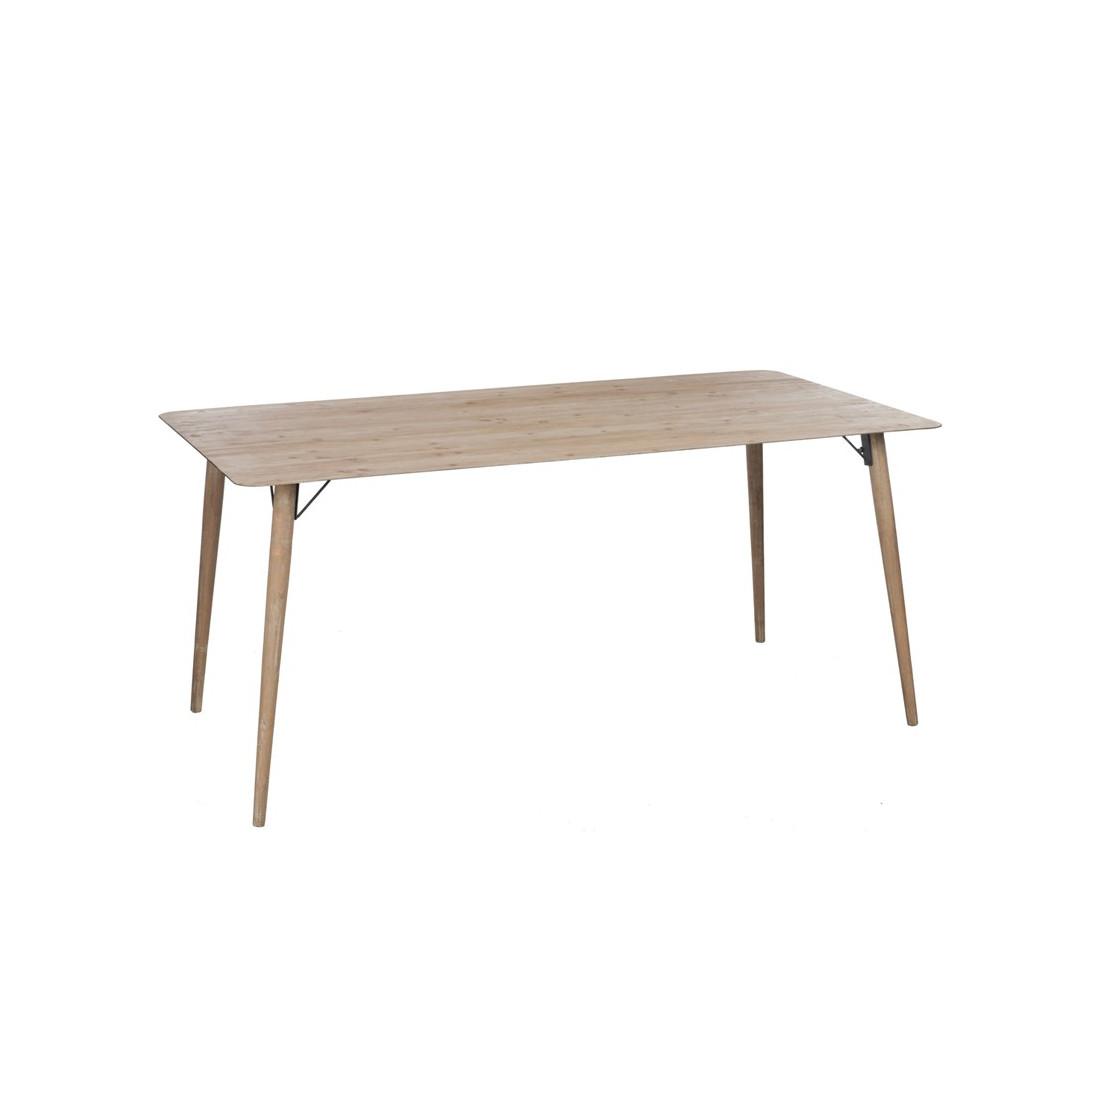 Table de repas en bois naturel pino univers de la salle - Table en bois naturel ...